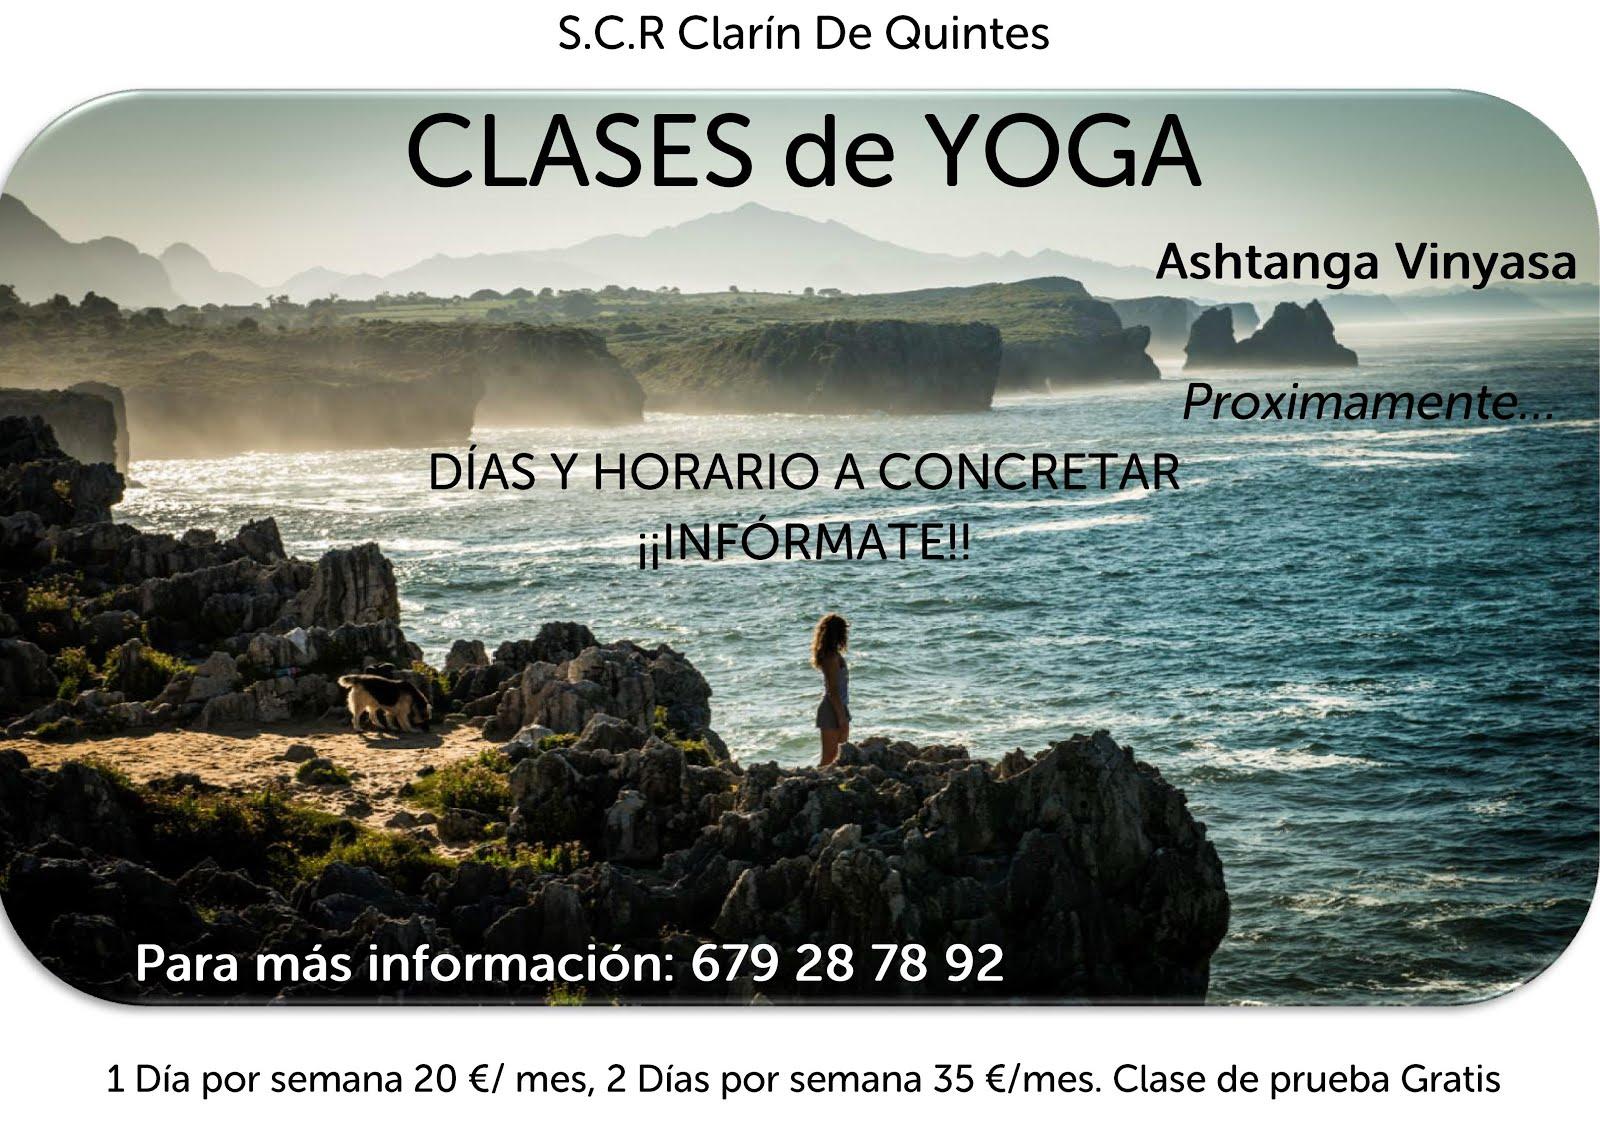 CLASES DE YOGA EN LA SOCIDAD CLARÍN